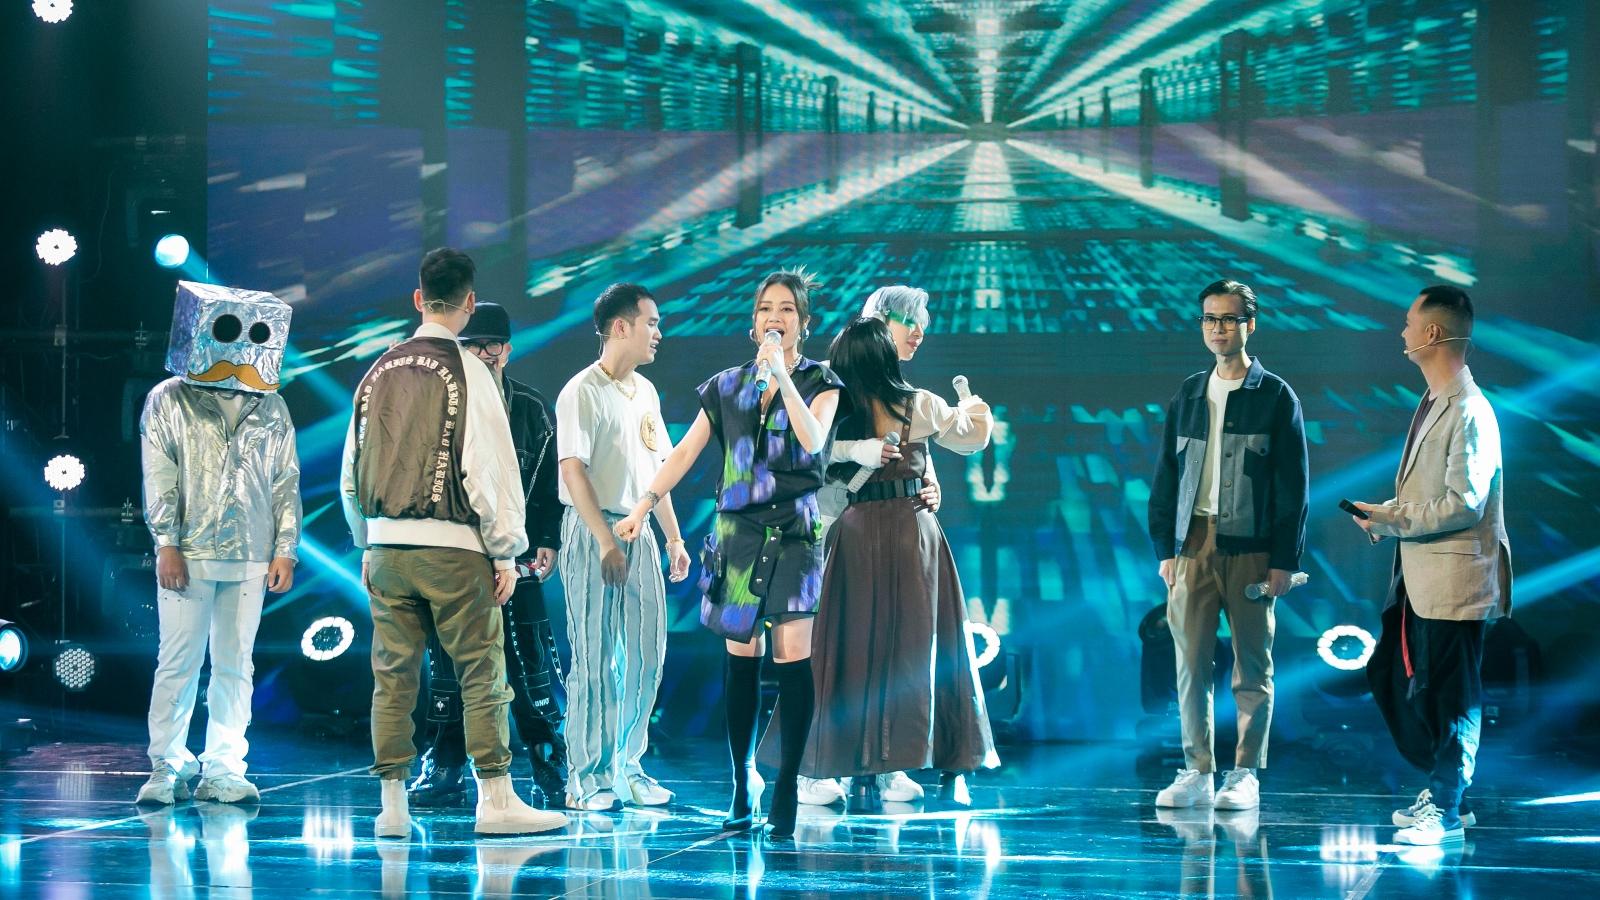 """Erik được so sánh như Michael Jackson, kỳ vọng trở thành """"Vua nhạc Pop"""" của showbiz Việt"""